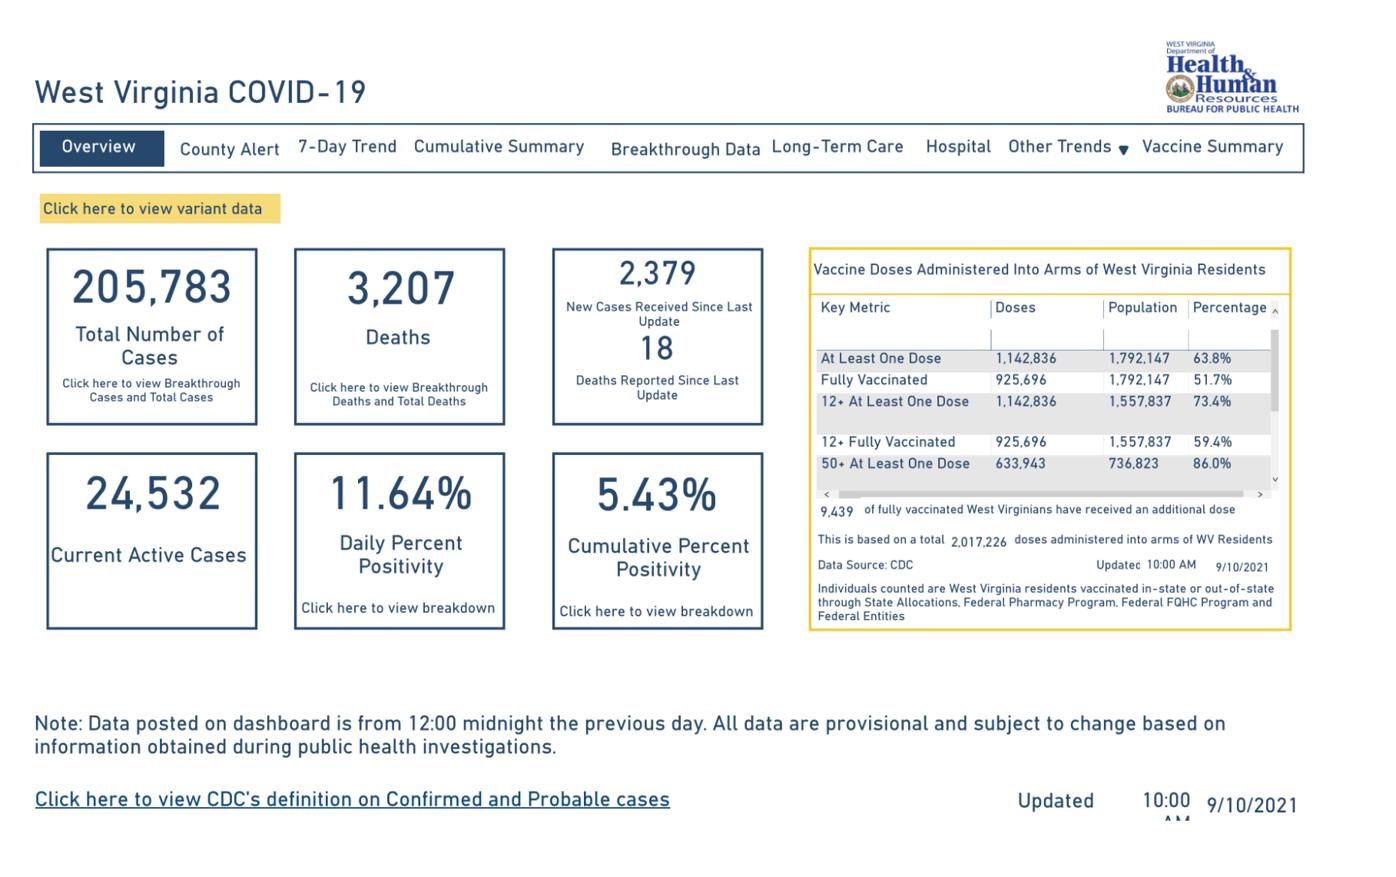 West Virginia COVID-19 Dashboard, 9-10-2021